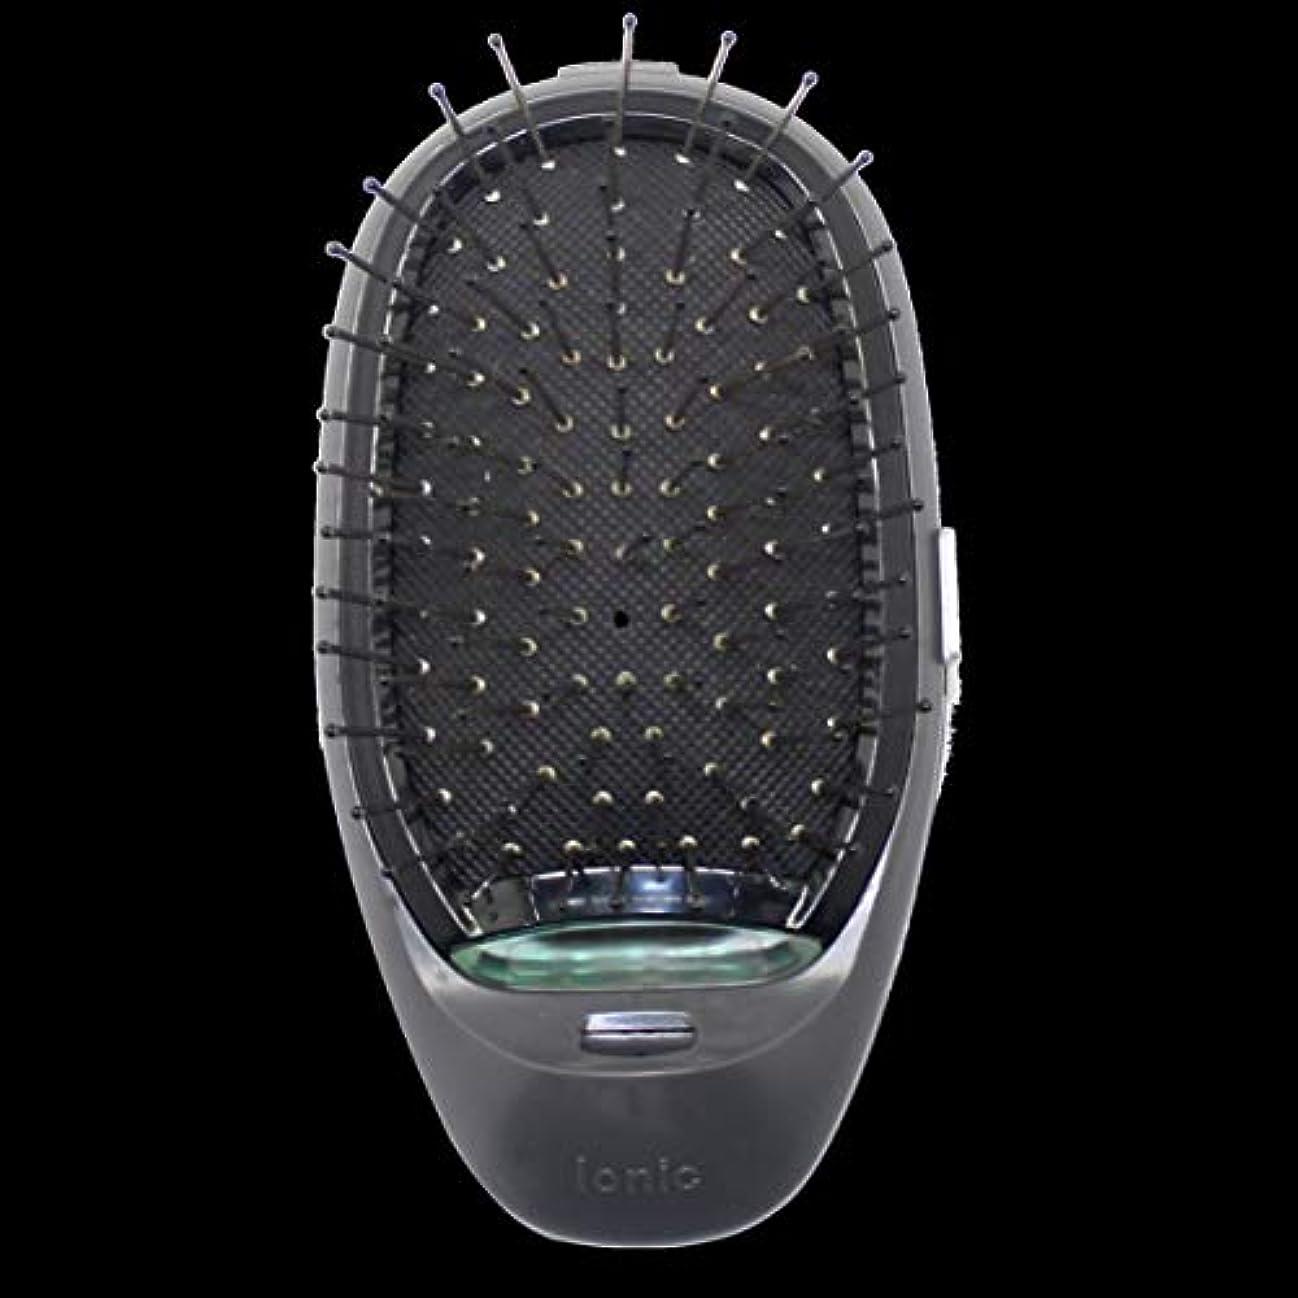 お別れ発生する囲まれた電動マッサージヘアブラシミニマイナスイオンヘアコム3Dインフレータブルコーム帯電防止ガールズヘアブラシ電池式 - ブラック